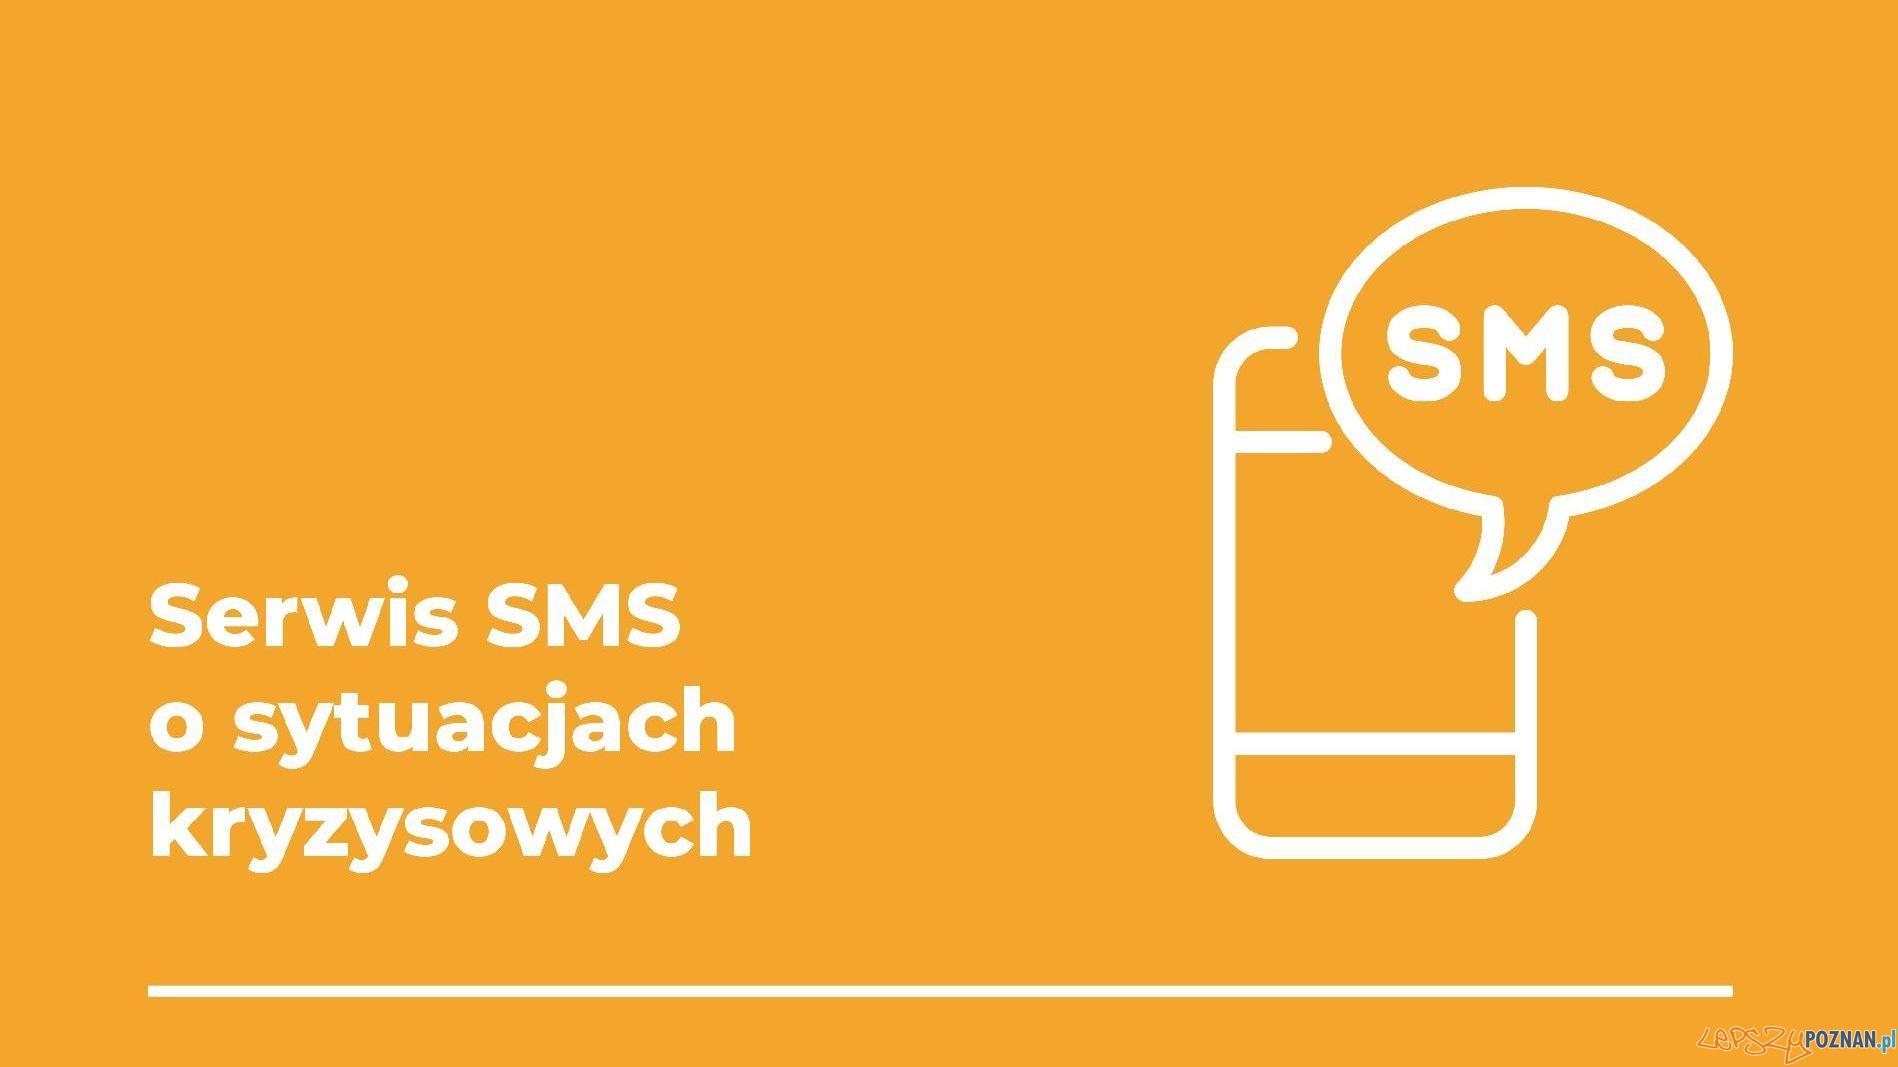 Serwis SMS o sytuacjach kryzysowych  Foto: materiały prasowe / UMP